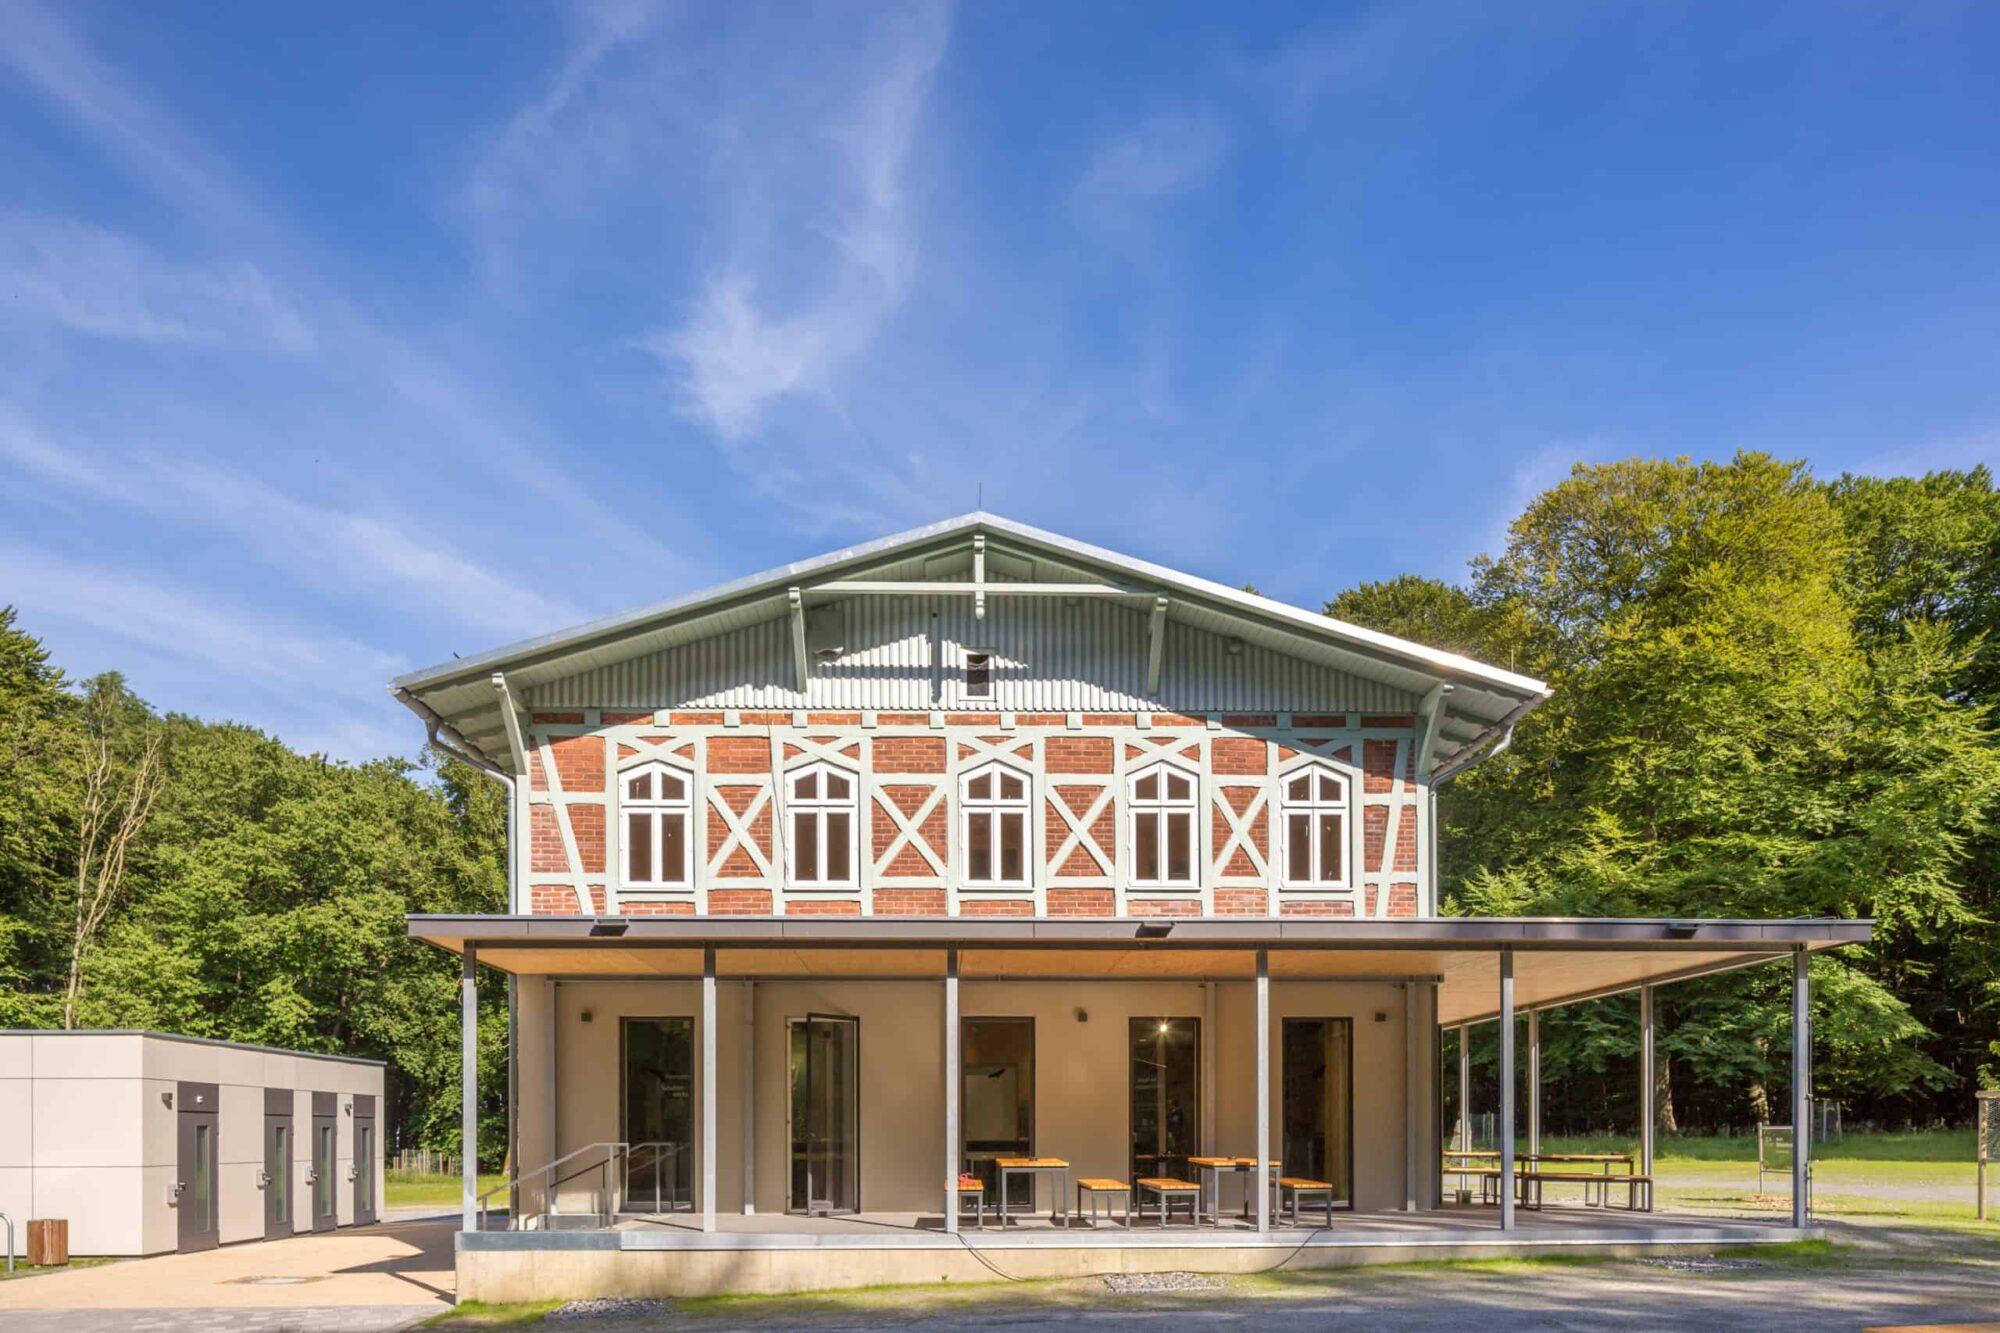 Waldhalle Sassnitz - Kleinod im Nationalpark Jasmund